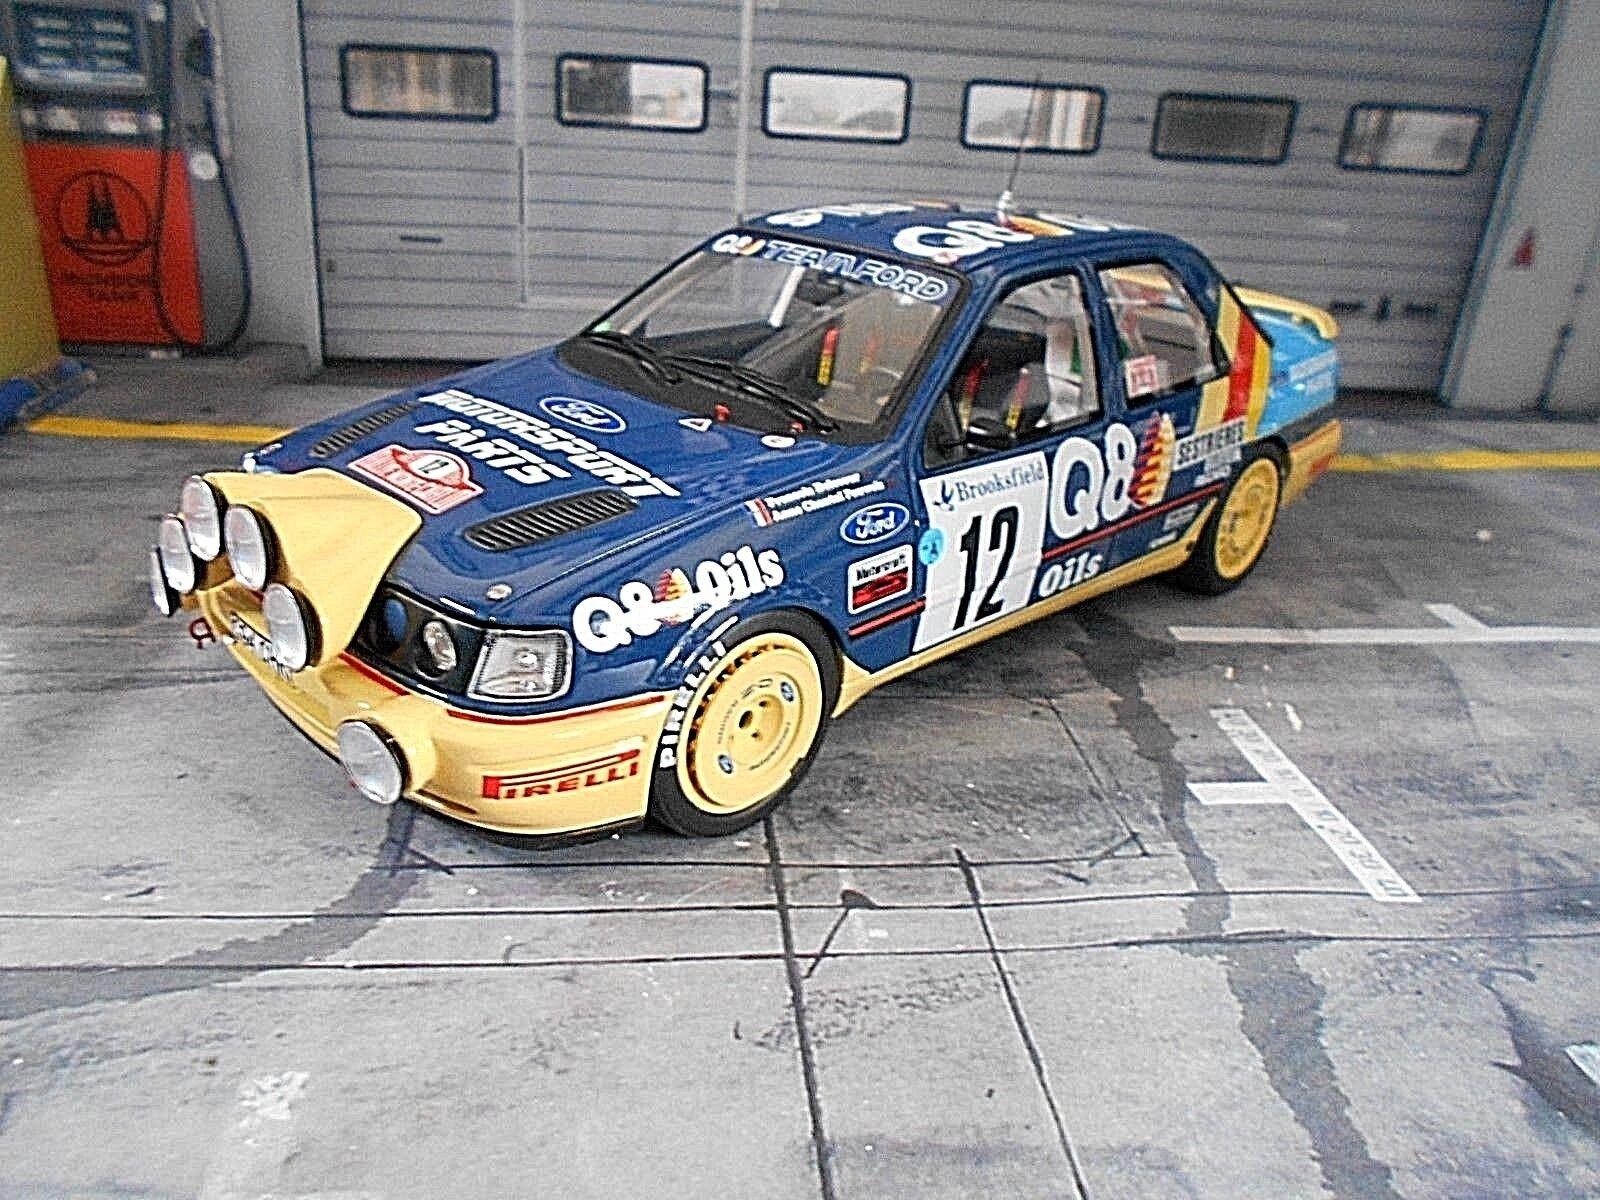 Ford Sierra RS Cosworth Rallye 4x4 Monte  voiturelo 1991 Delecour q8 RAR Otto 1 18  haute qualité générale